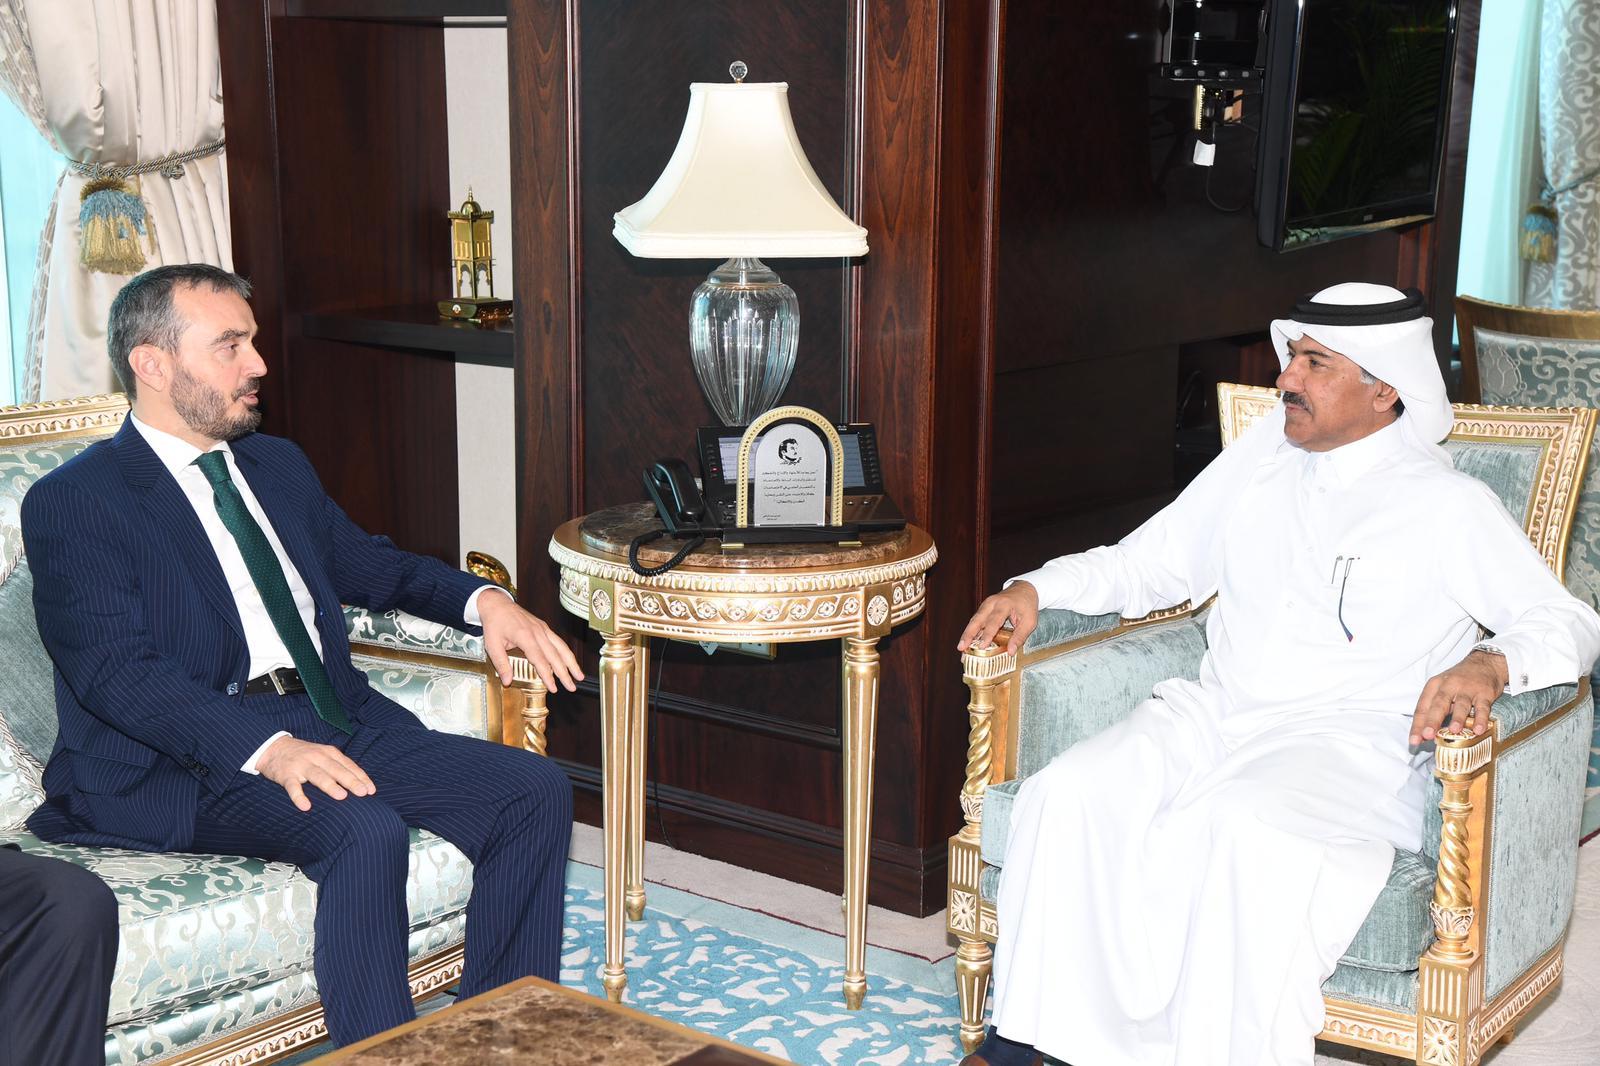 الأمين العام لوزارة الخارجية يجتمع مع سفير كوسوفو